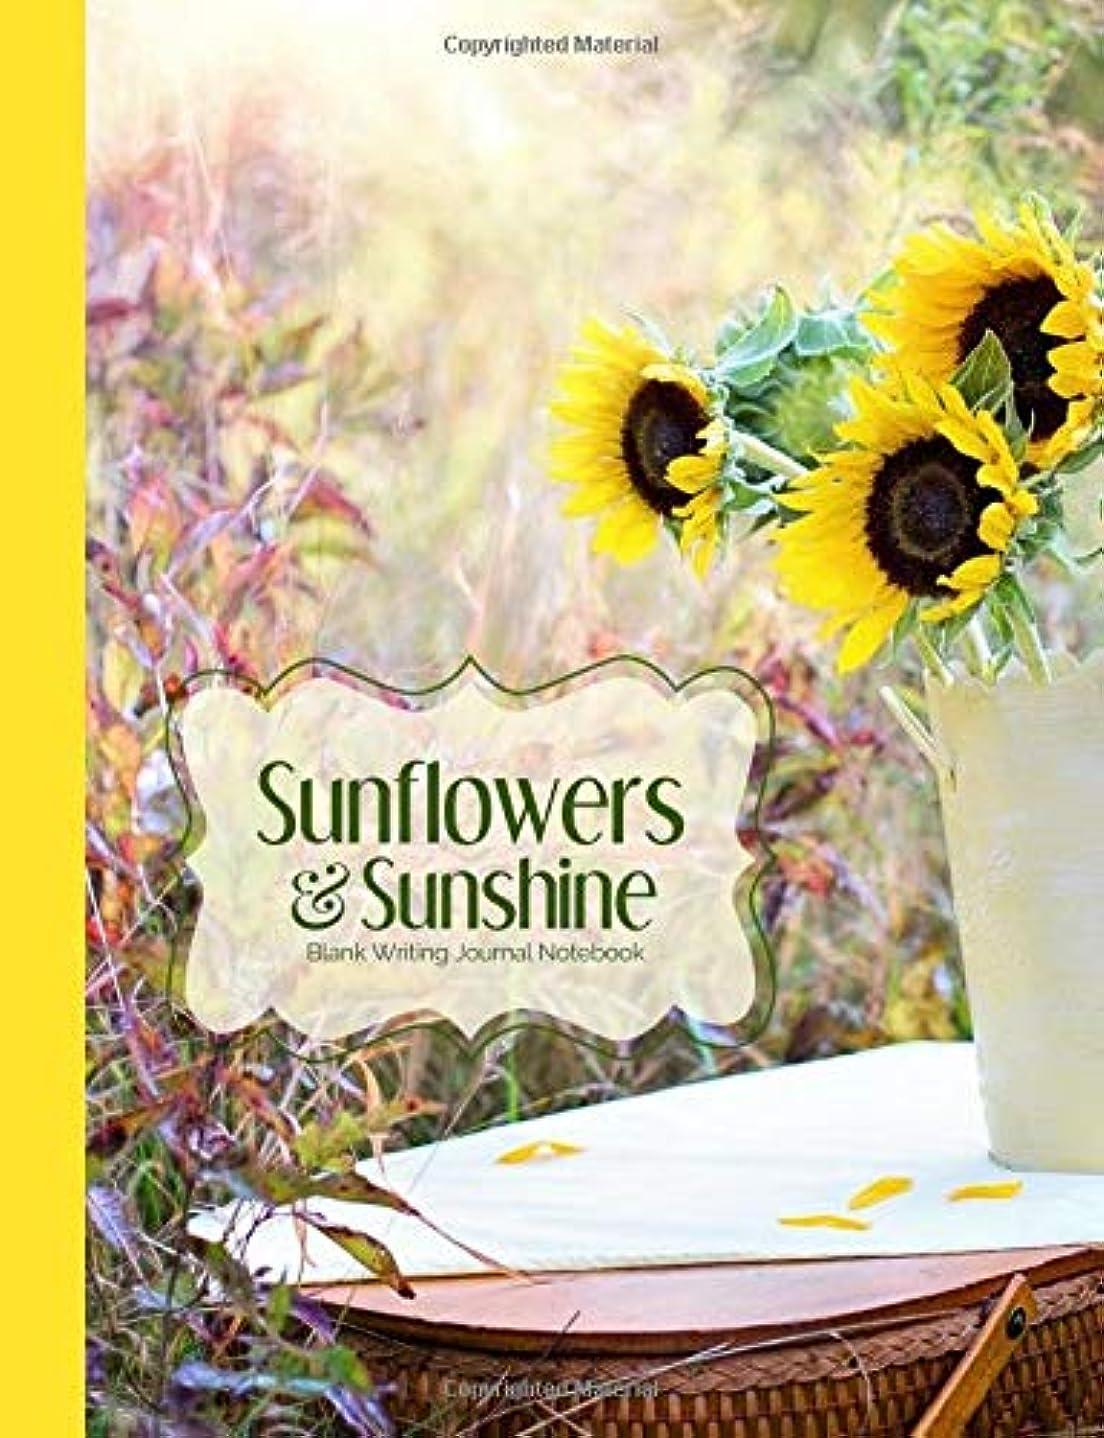 化学者種をまく周術期Sunflowers & Sunshine Blank Writing Journal Notebook: Yellow Nature Composition, Notebook, Diary for Journaling, Creative Writing, To-do Lists, Gratitude lists, Homework, for Students, Teachers (Sun & Sunshine Notebooks)